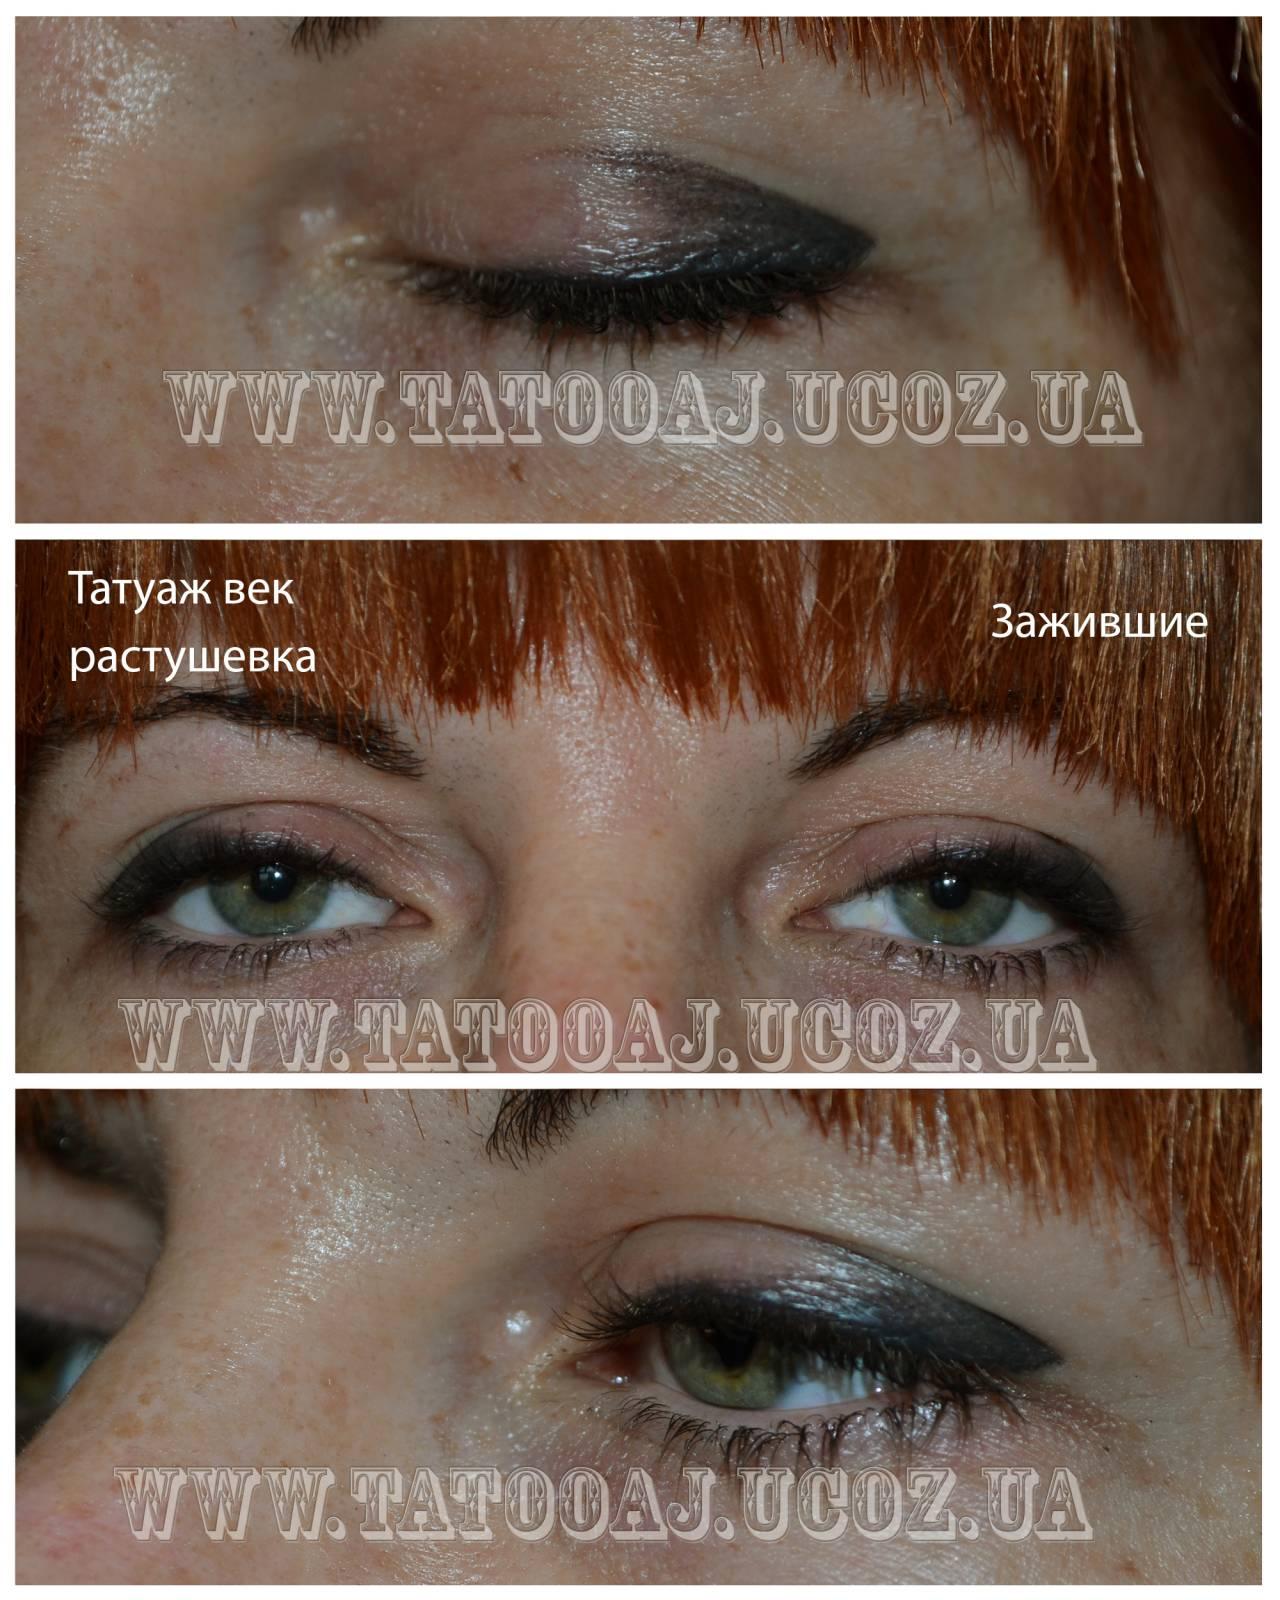 Перманентный макияж век отзывы фото до и